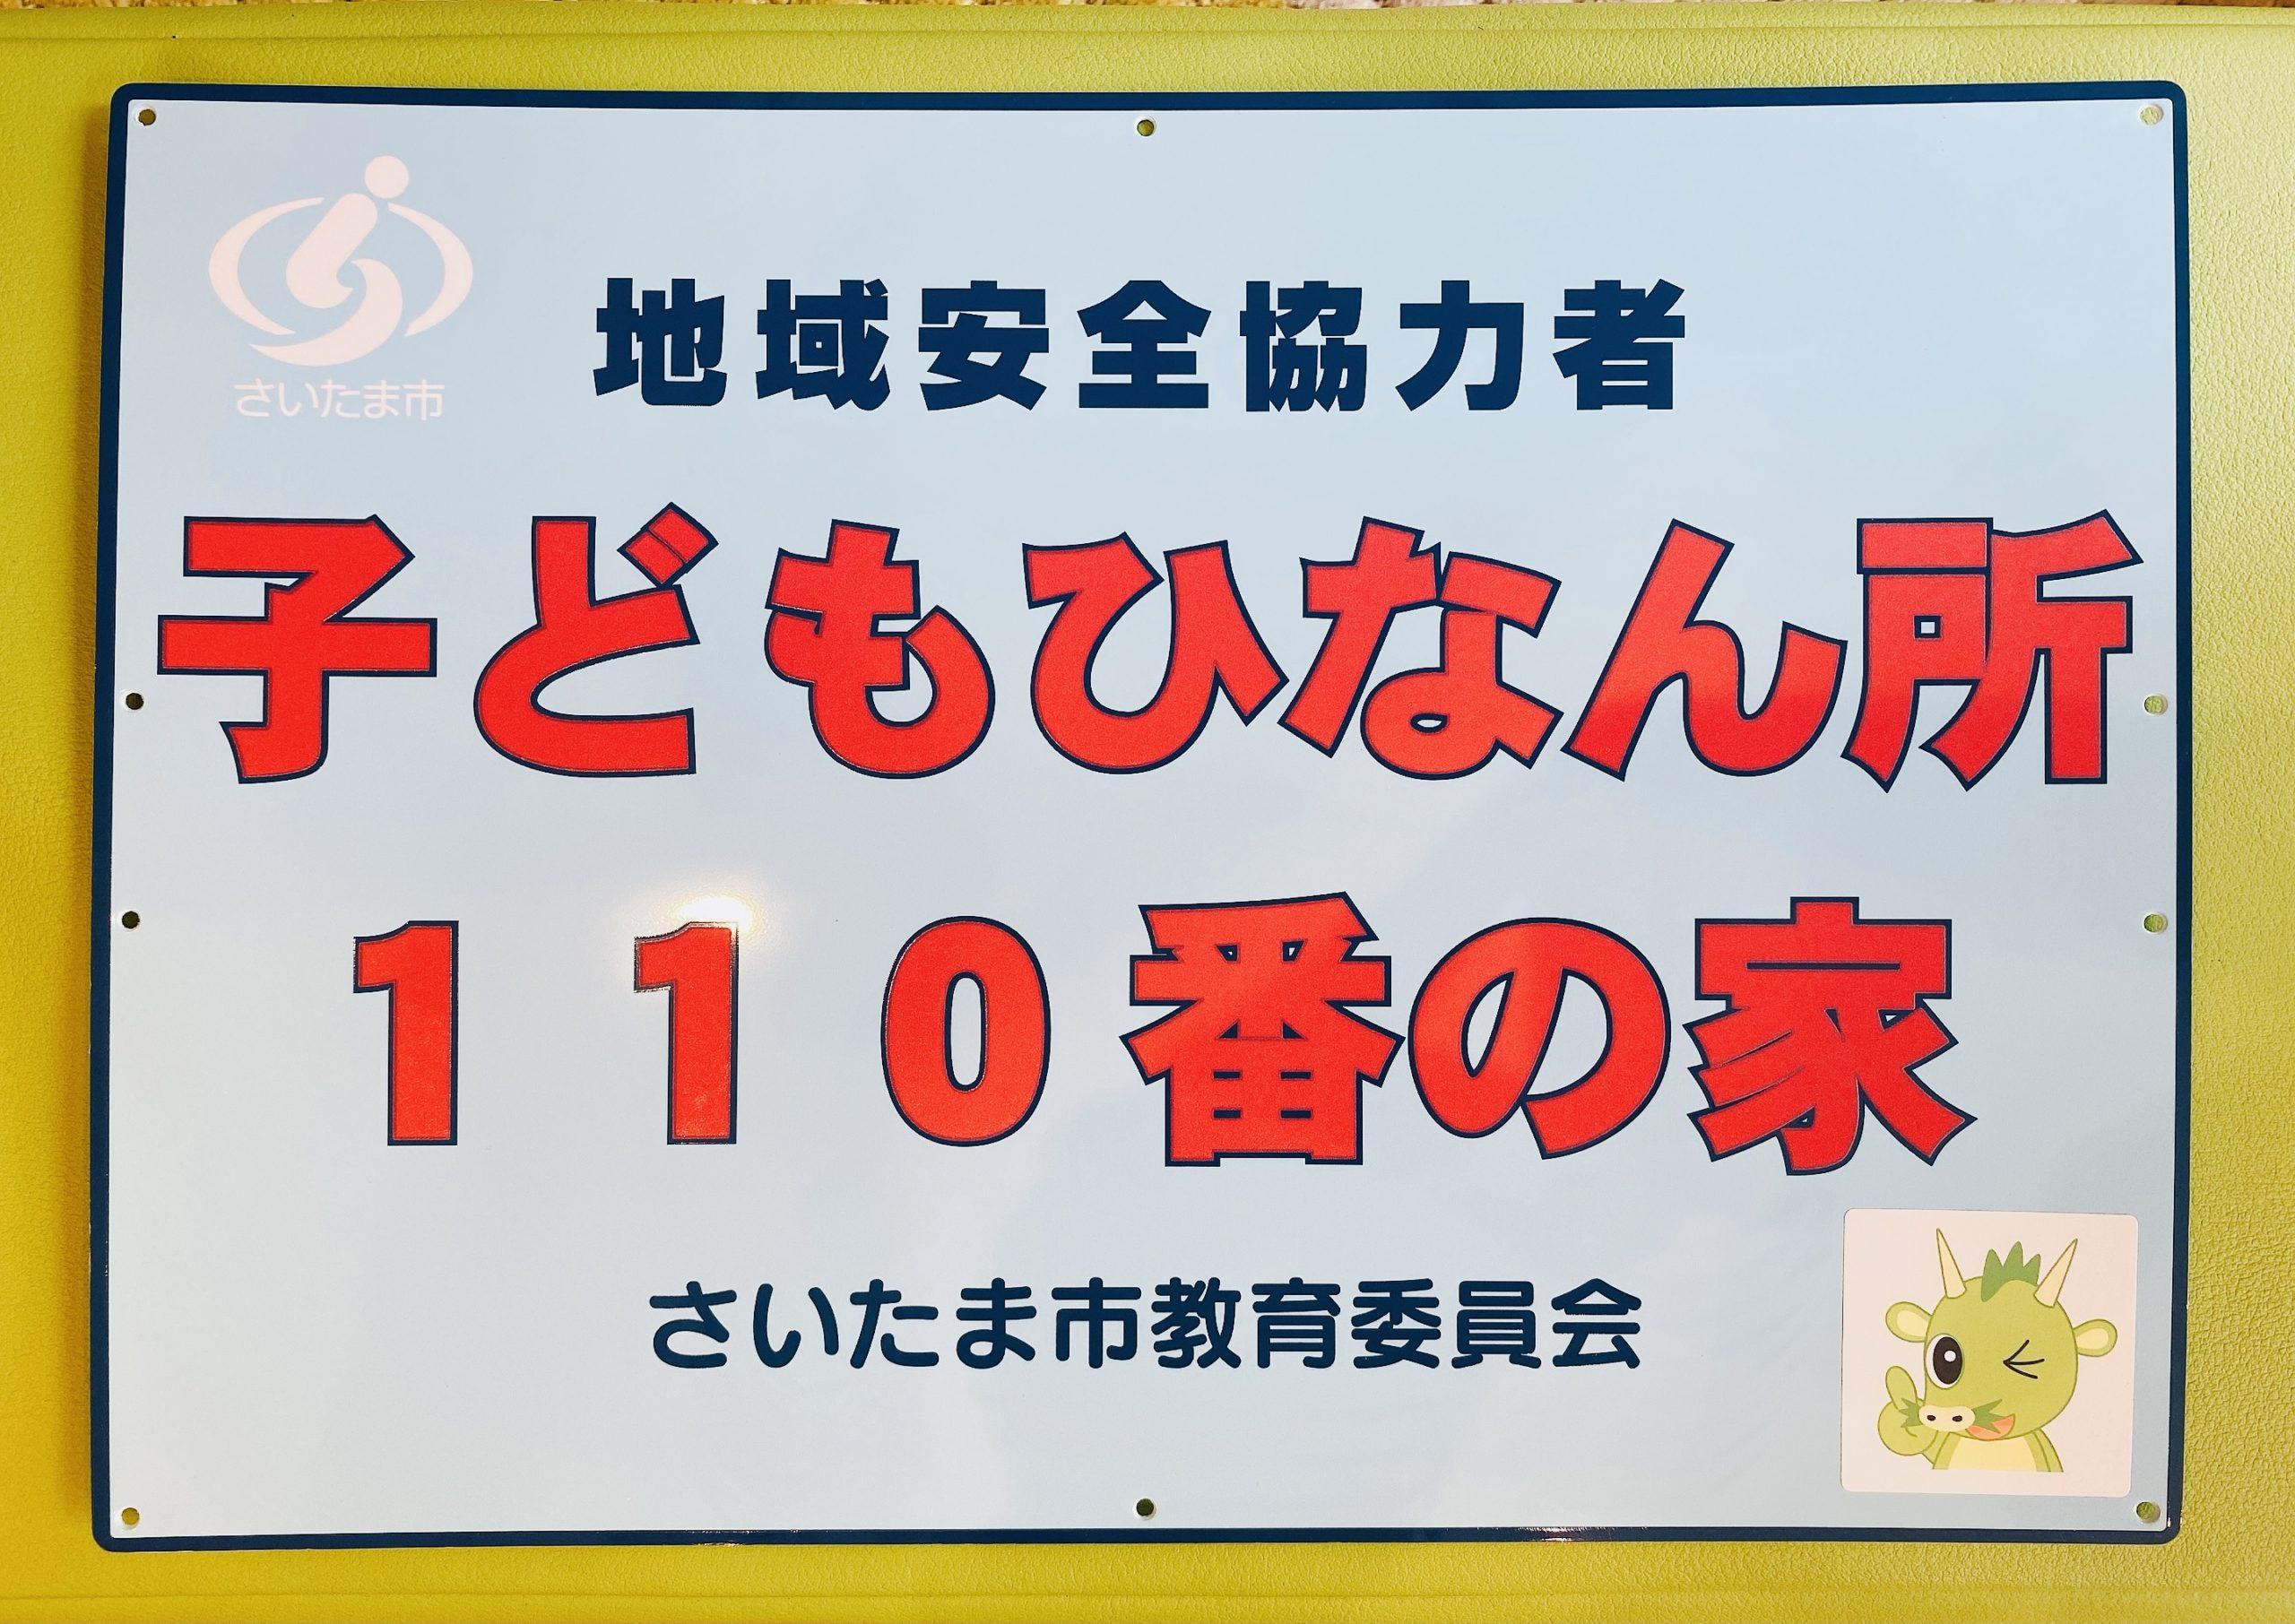 子どもひなん所110番の家 よくわかる保険の相談窓口 さいたま市浦和区常盤